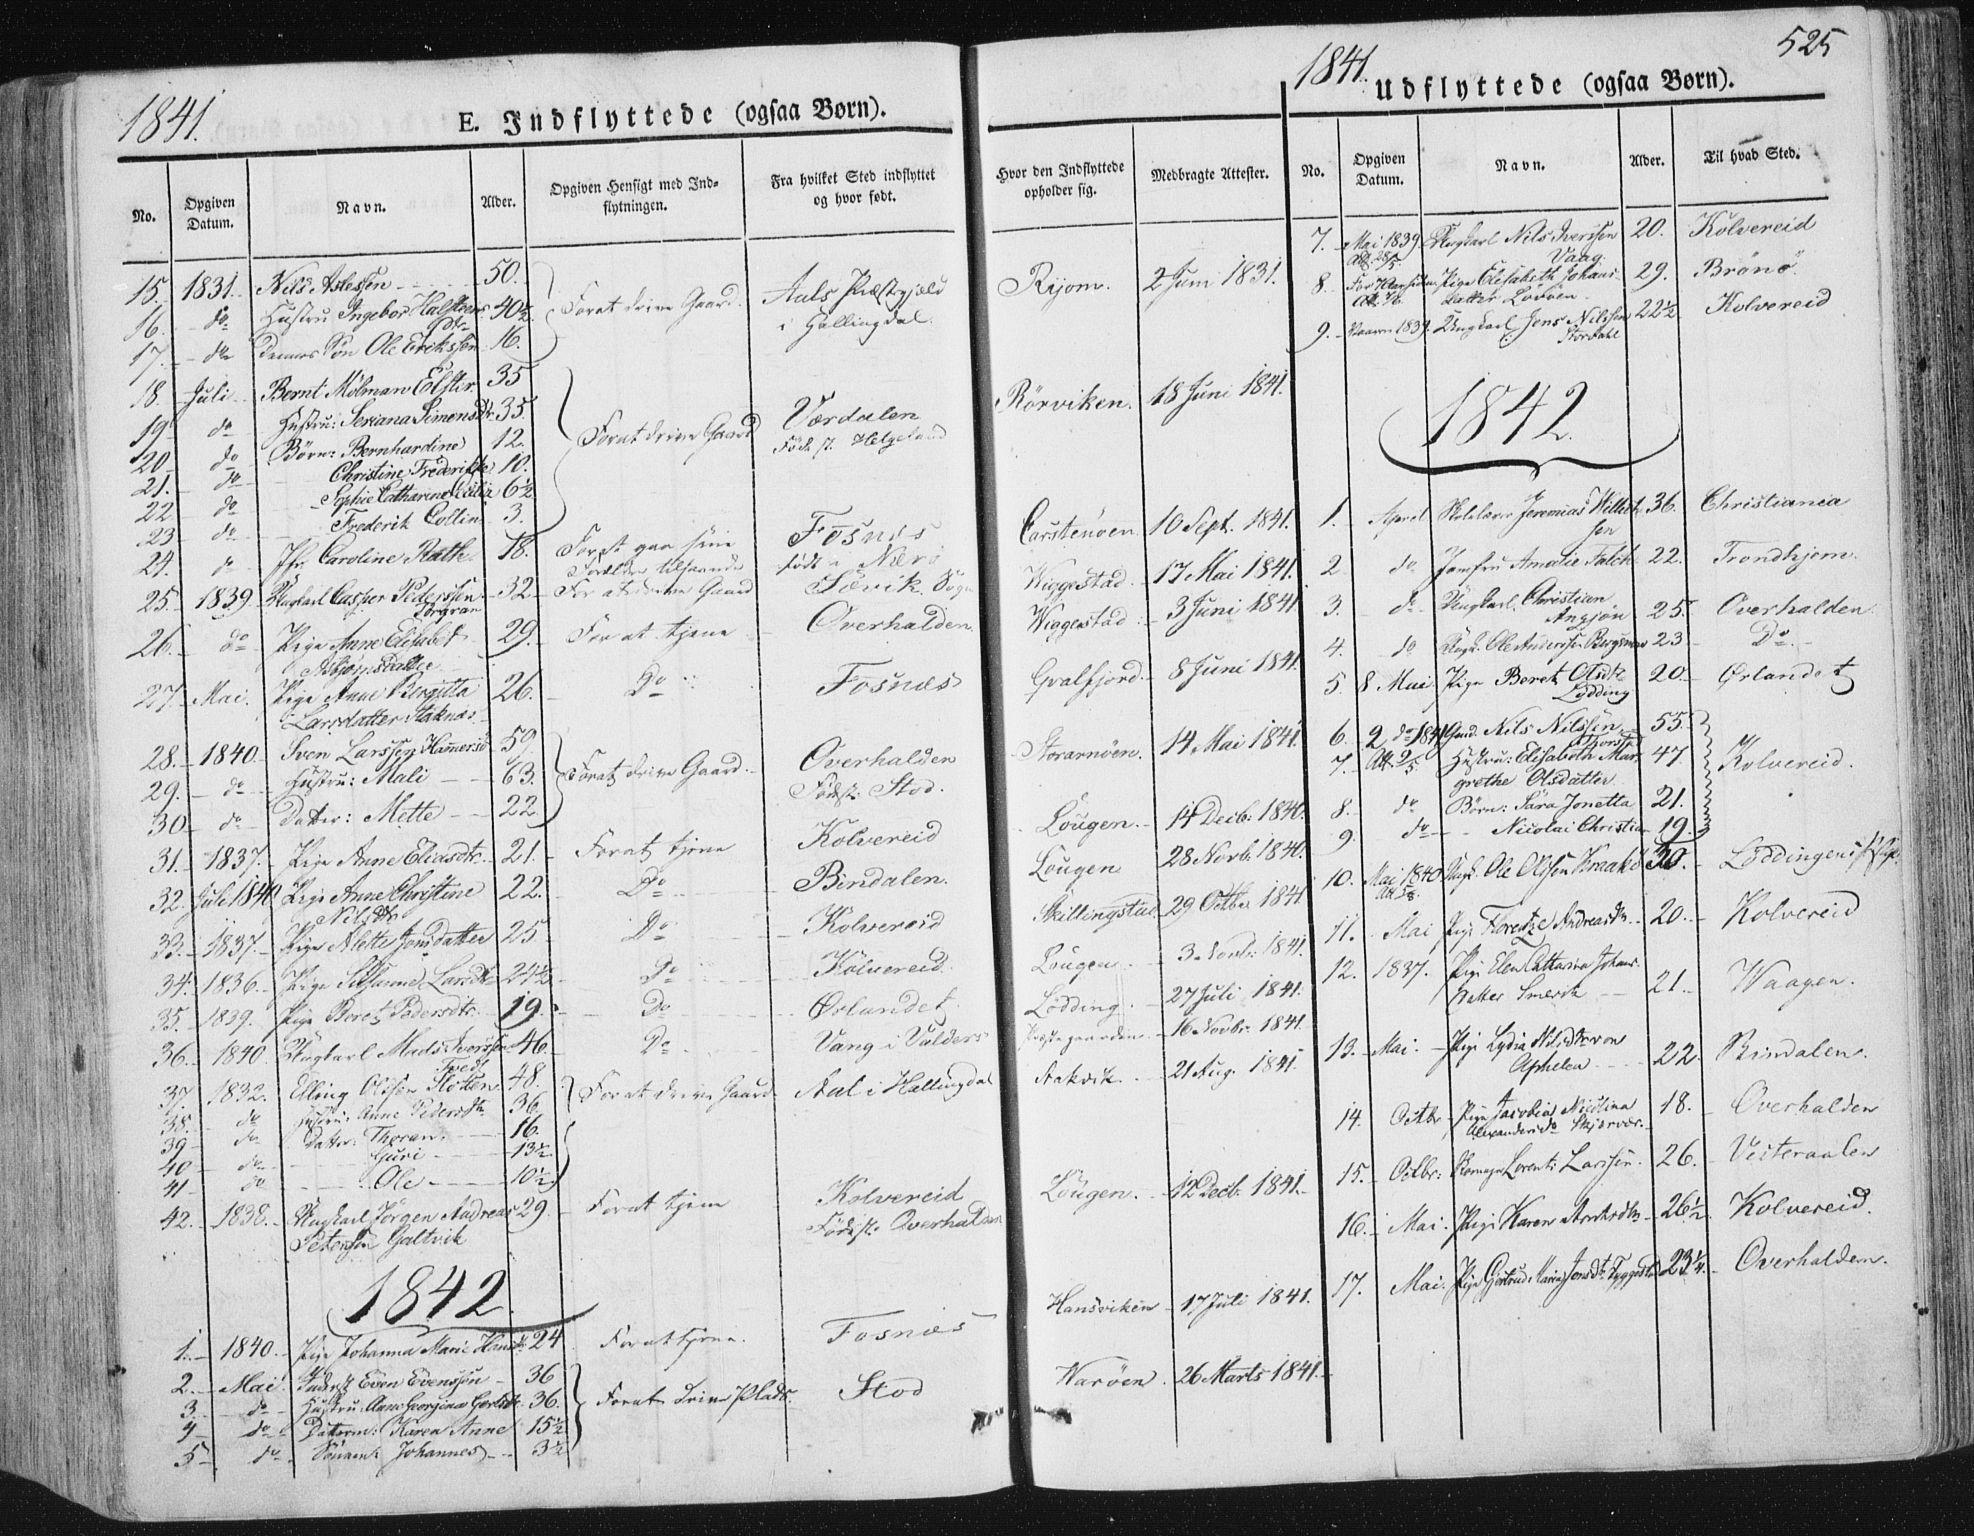 SAT, Ministerialprotokoller, klokkerbøker og fødselsregistre - Nord-Trøndelag, 784/L0669: Ministerialbok nr. 784A04, 1829-1859, s. 525